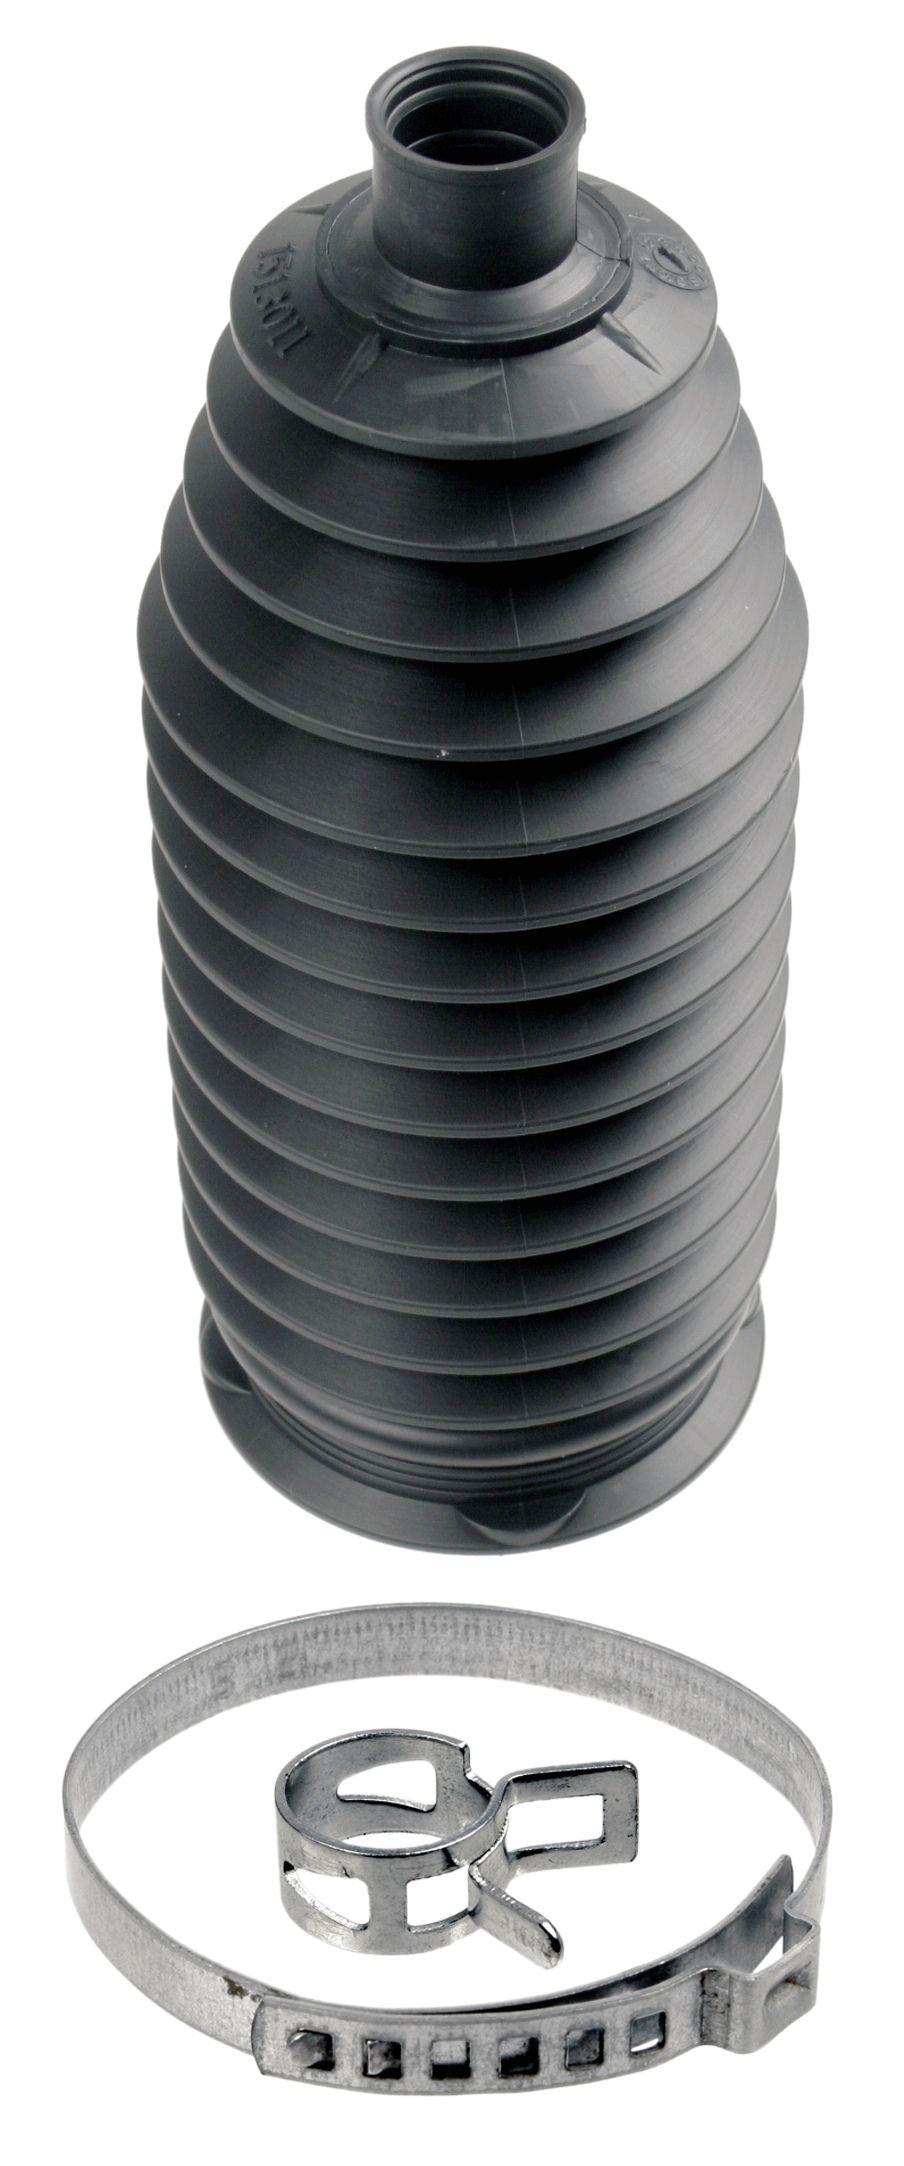 Achetez Jeu de joints-soufflets direction TRW JBE331 (Diamètre intérieur 2: 13mm, Diamètre intérieur 2: 55mm) à un rapport qualité-prix exceptionnel